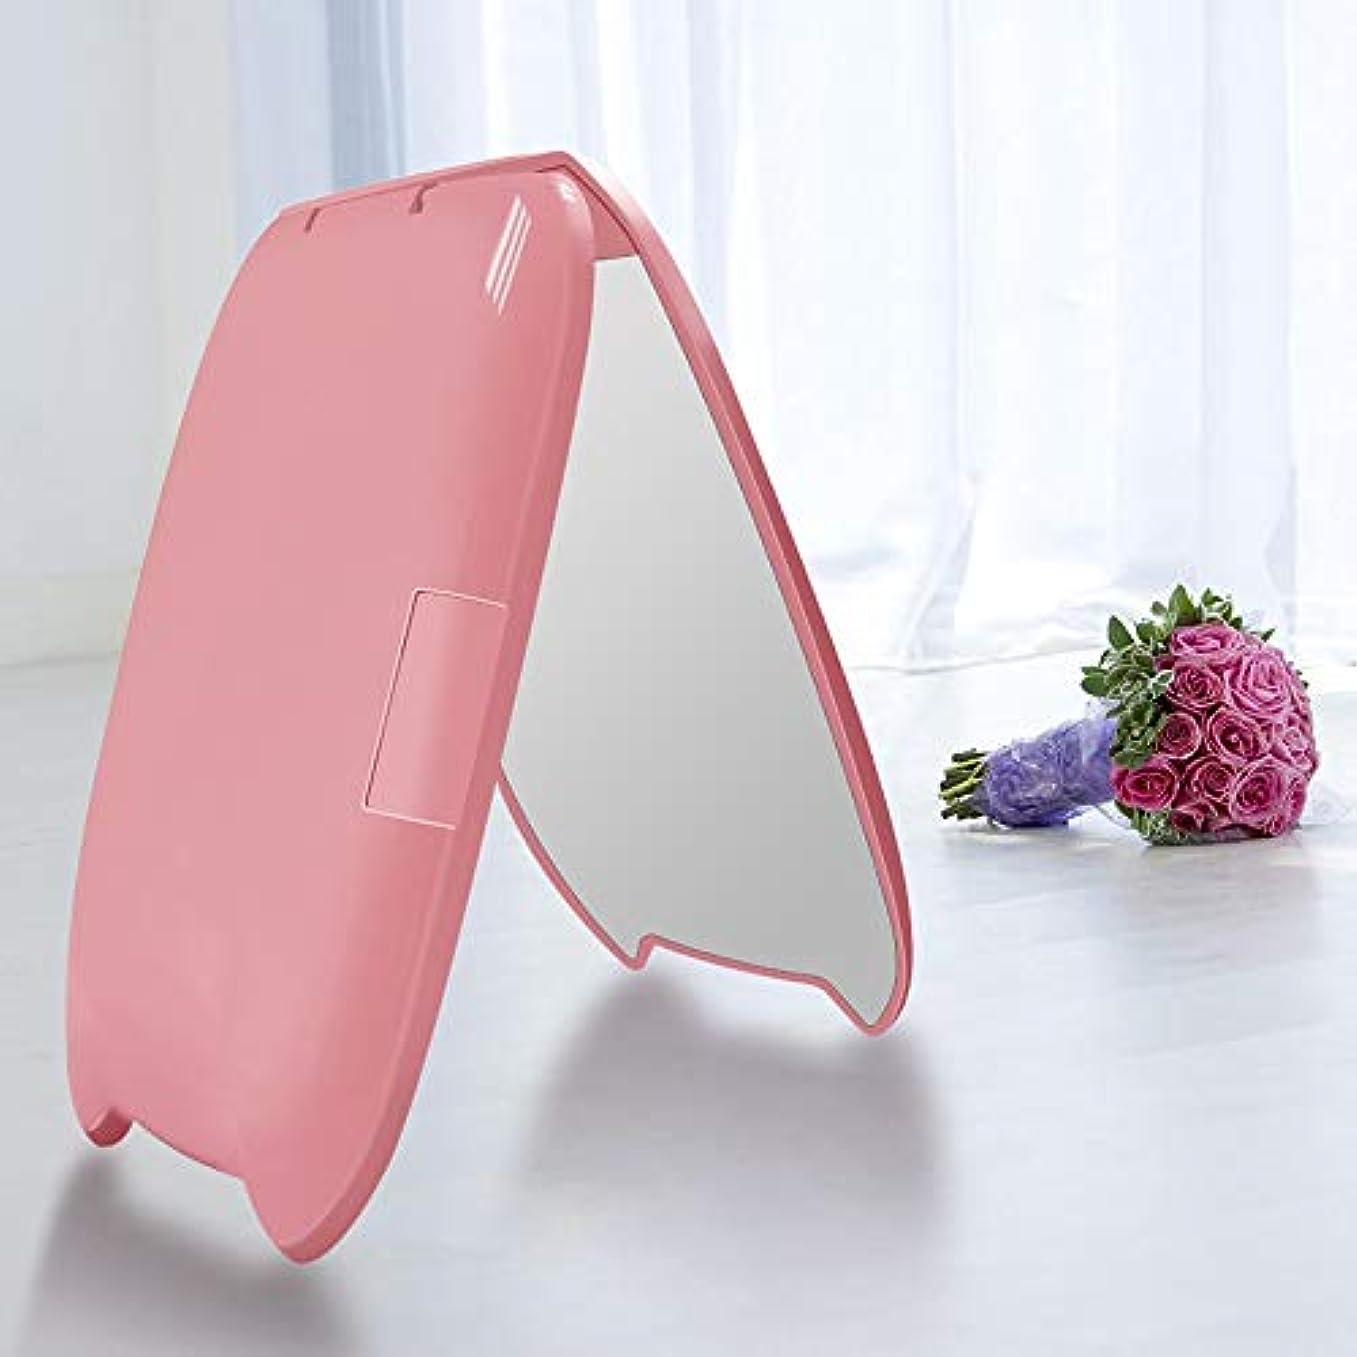 値癒すなめらかな流行の ミニポータブル猫耳LED化粧鏡2回化粧小さな化粧鏡美容鏡化粧鏡ピンク